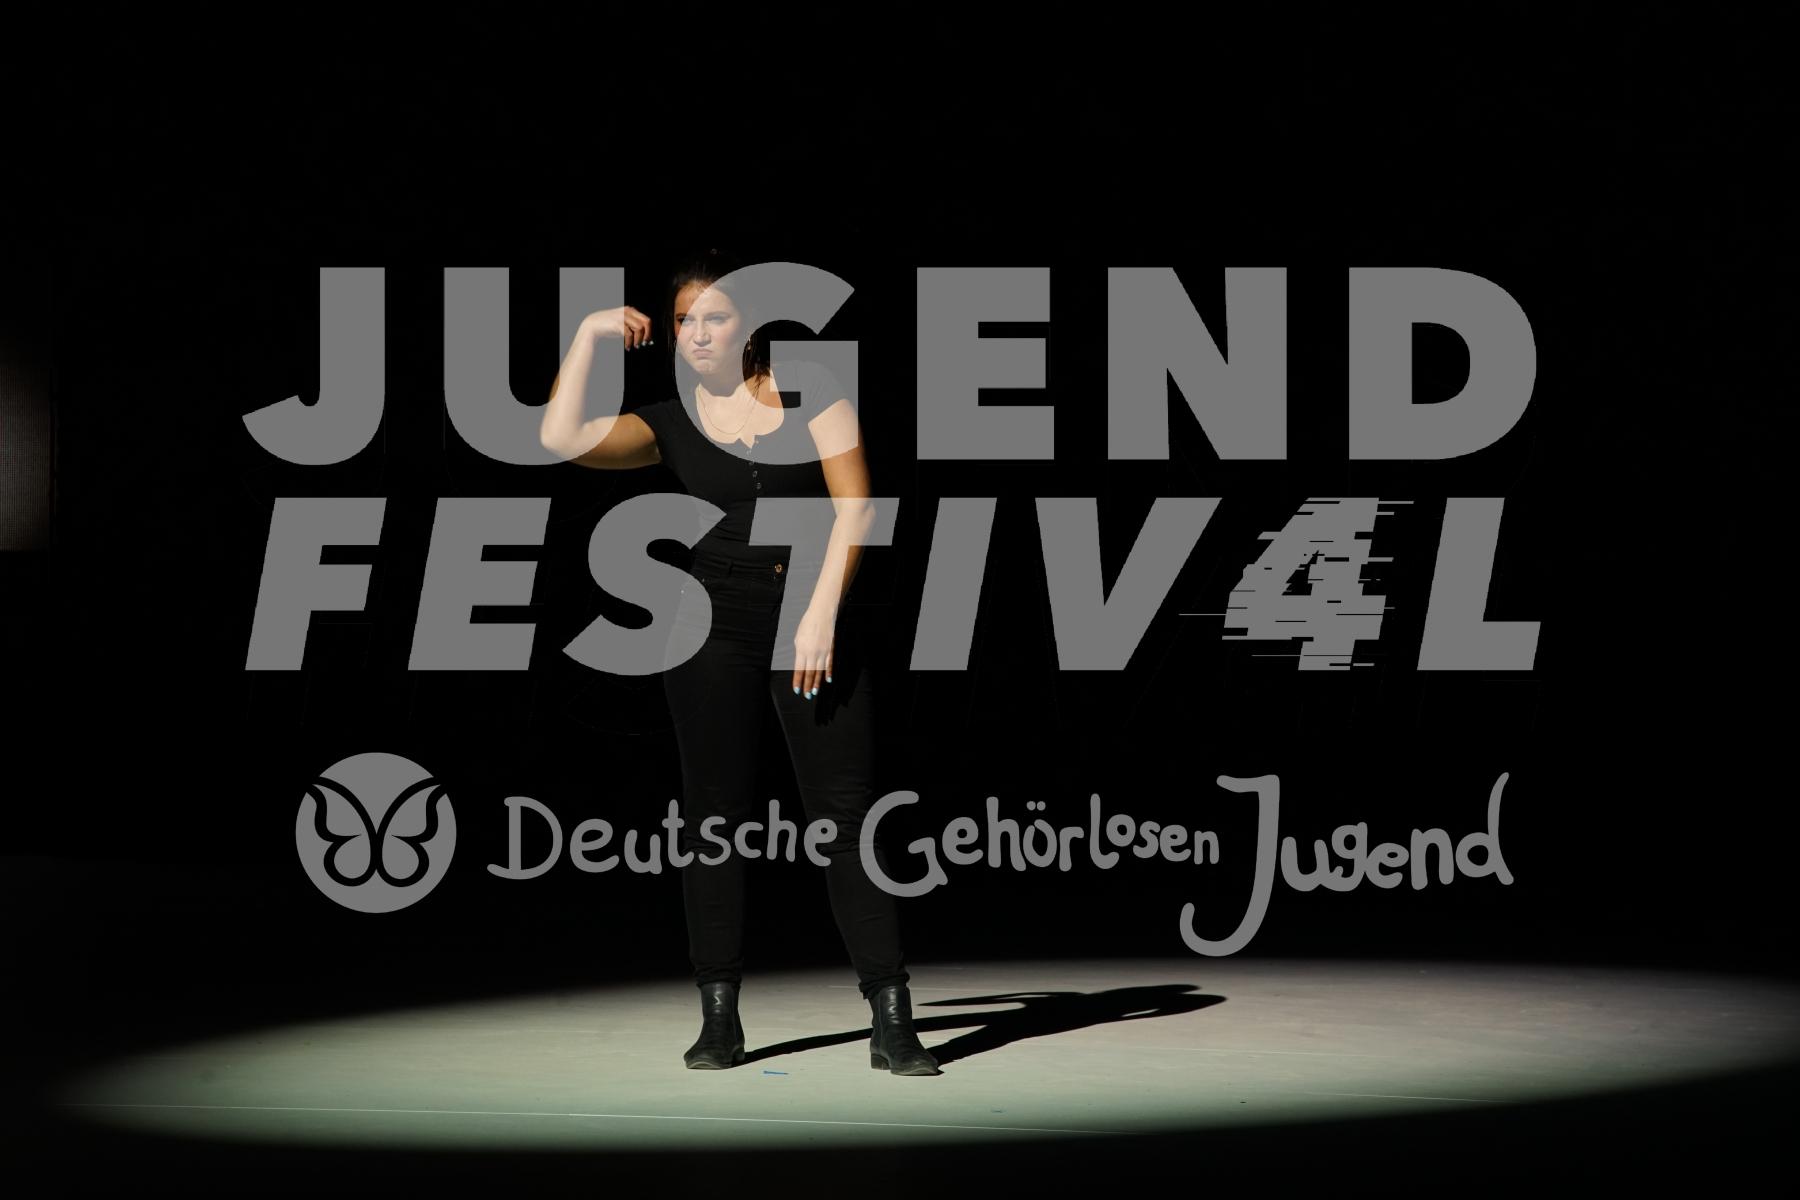 Jugendfestiv4l_FZ-1063